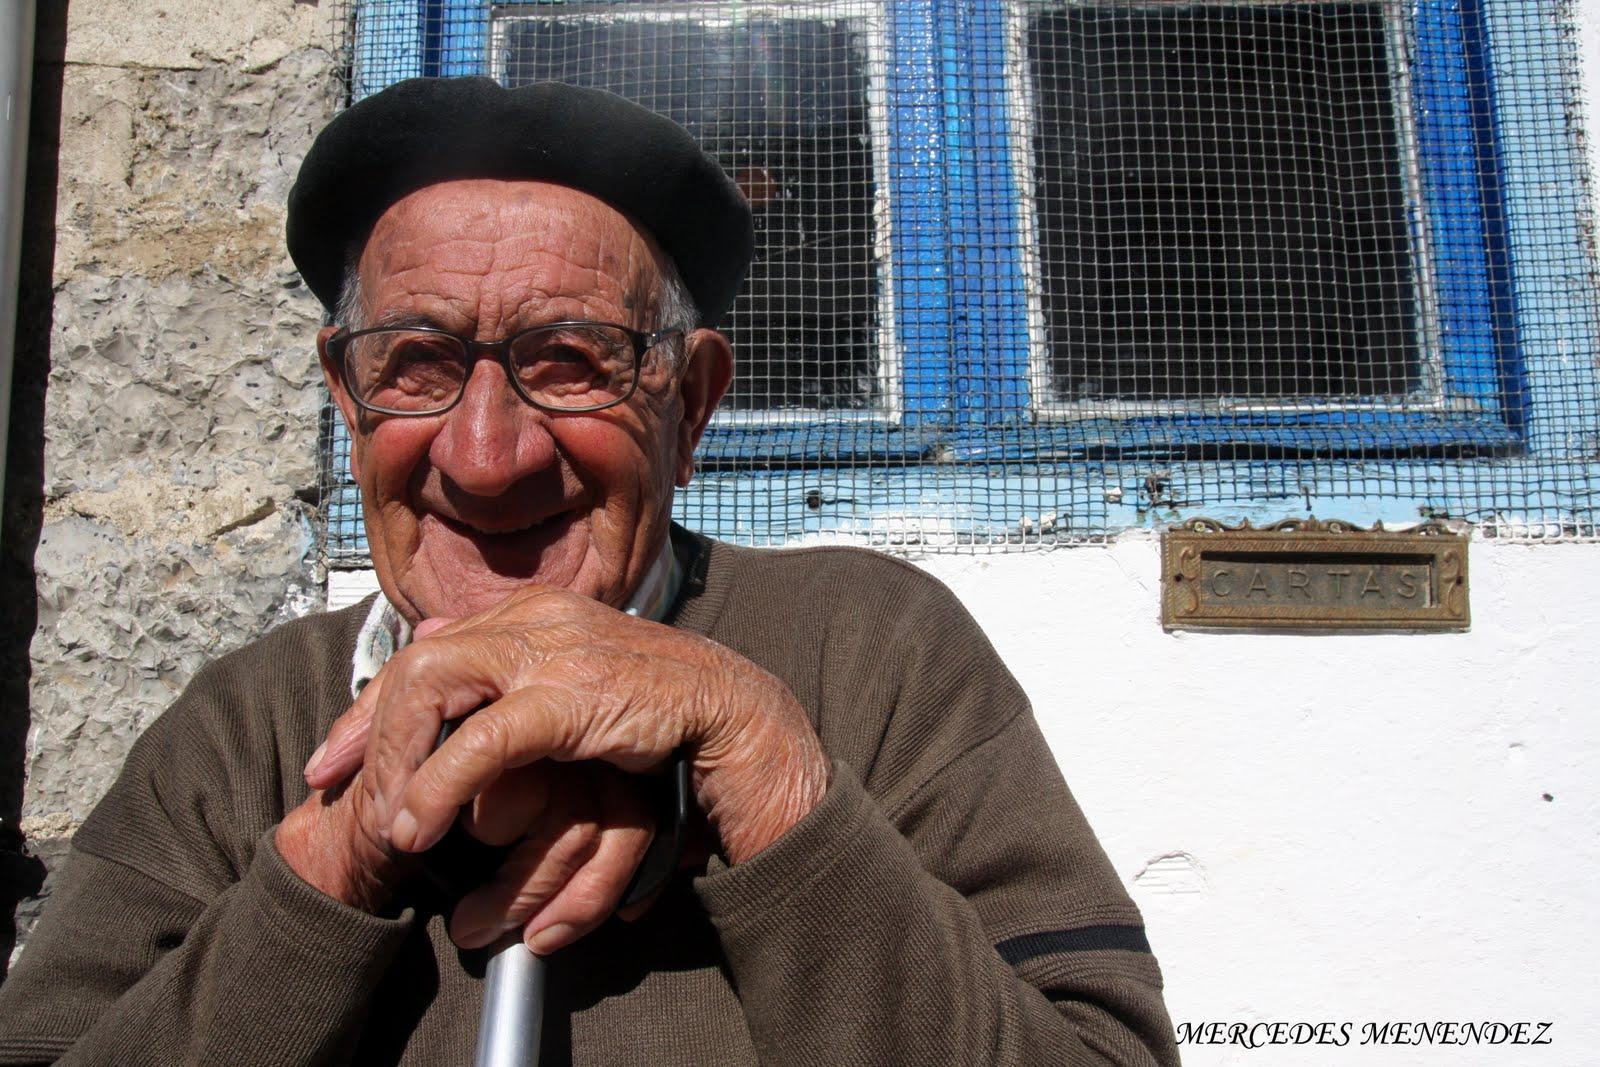 el abuelo dicharrachero de tarna...